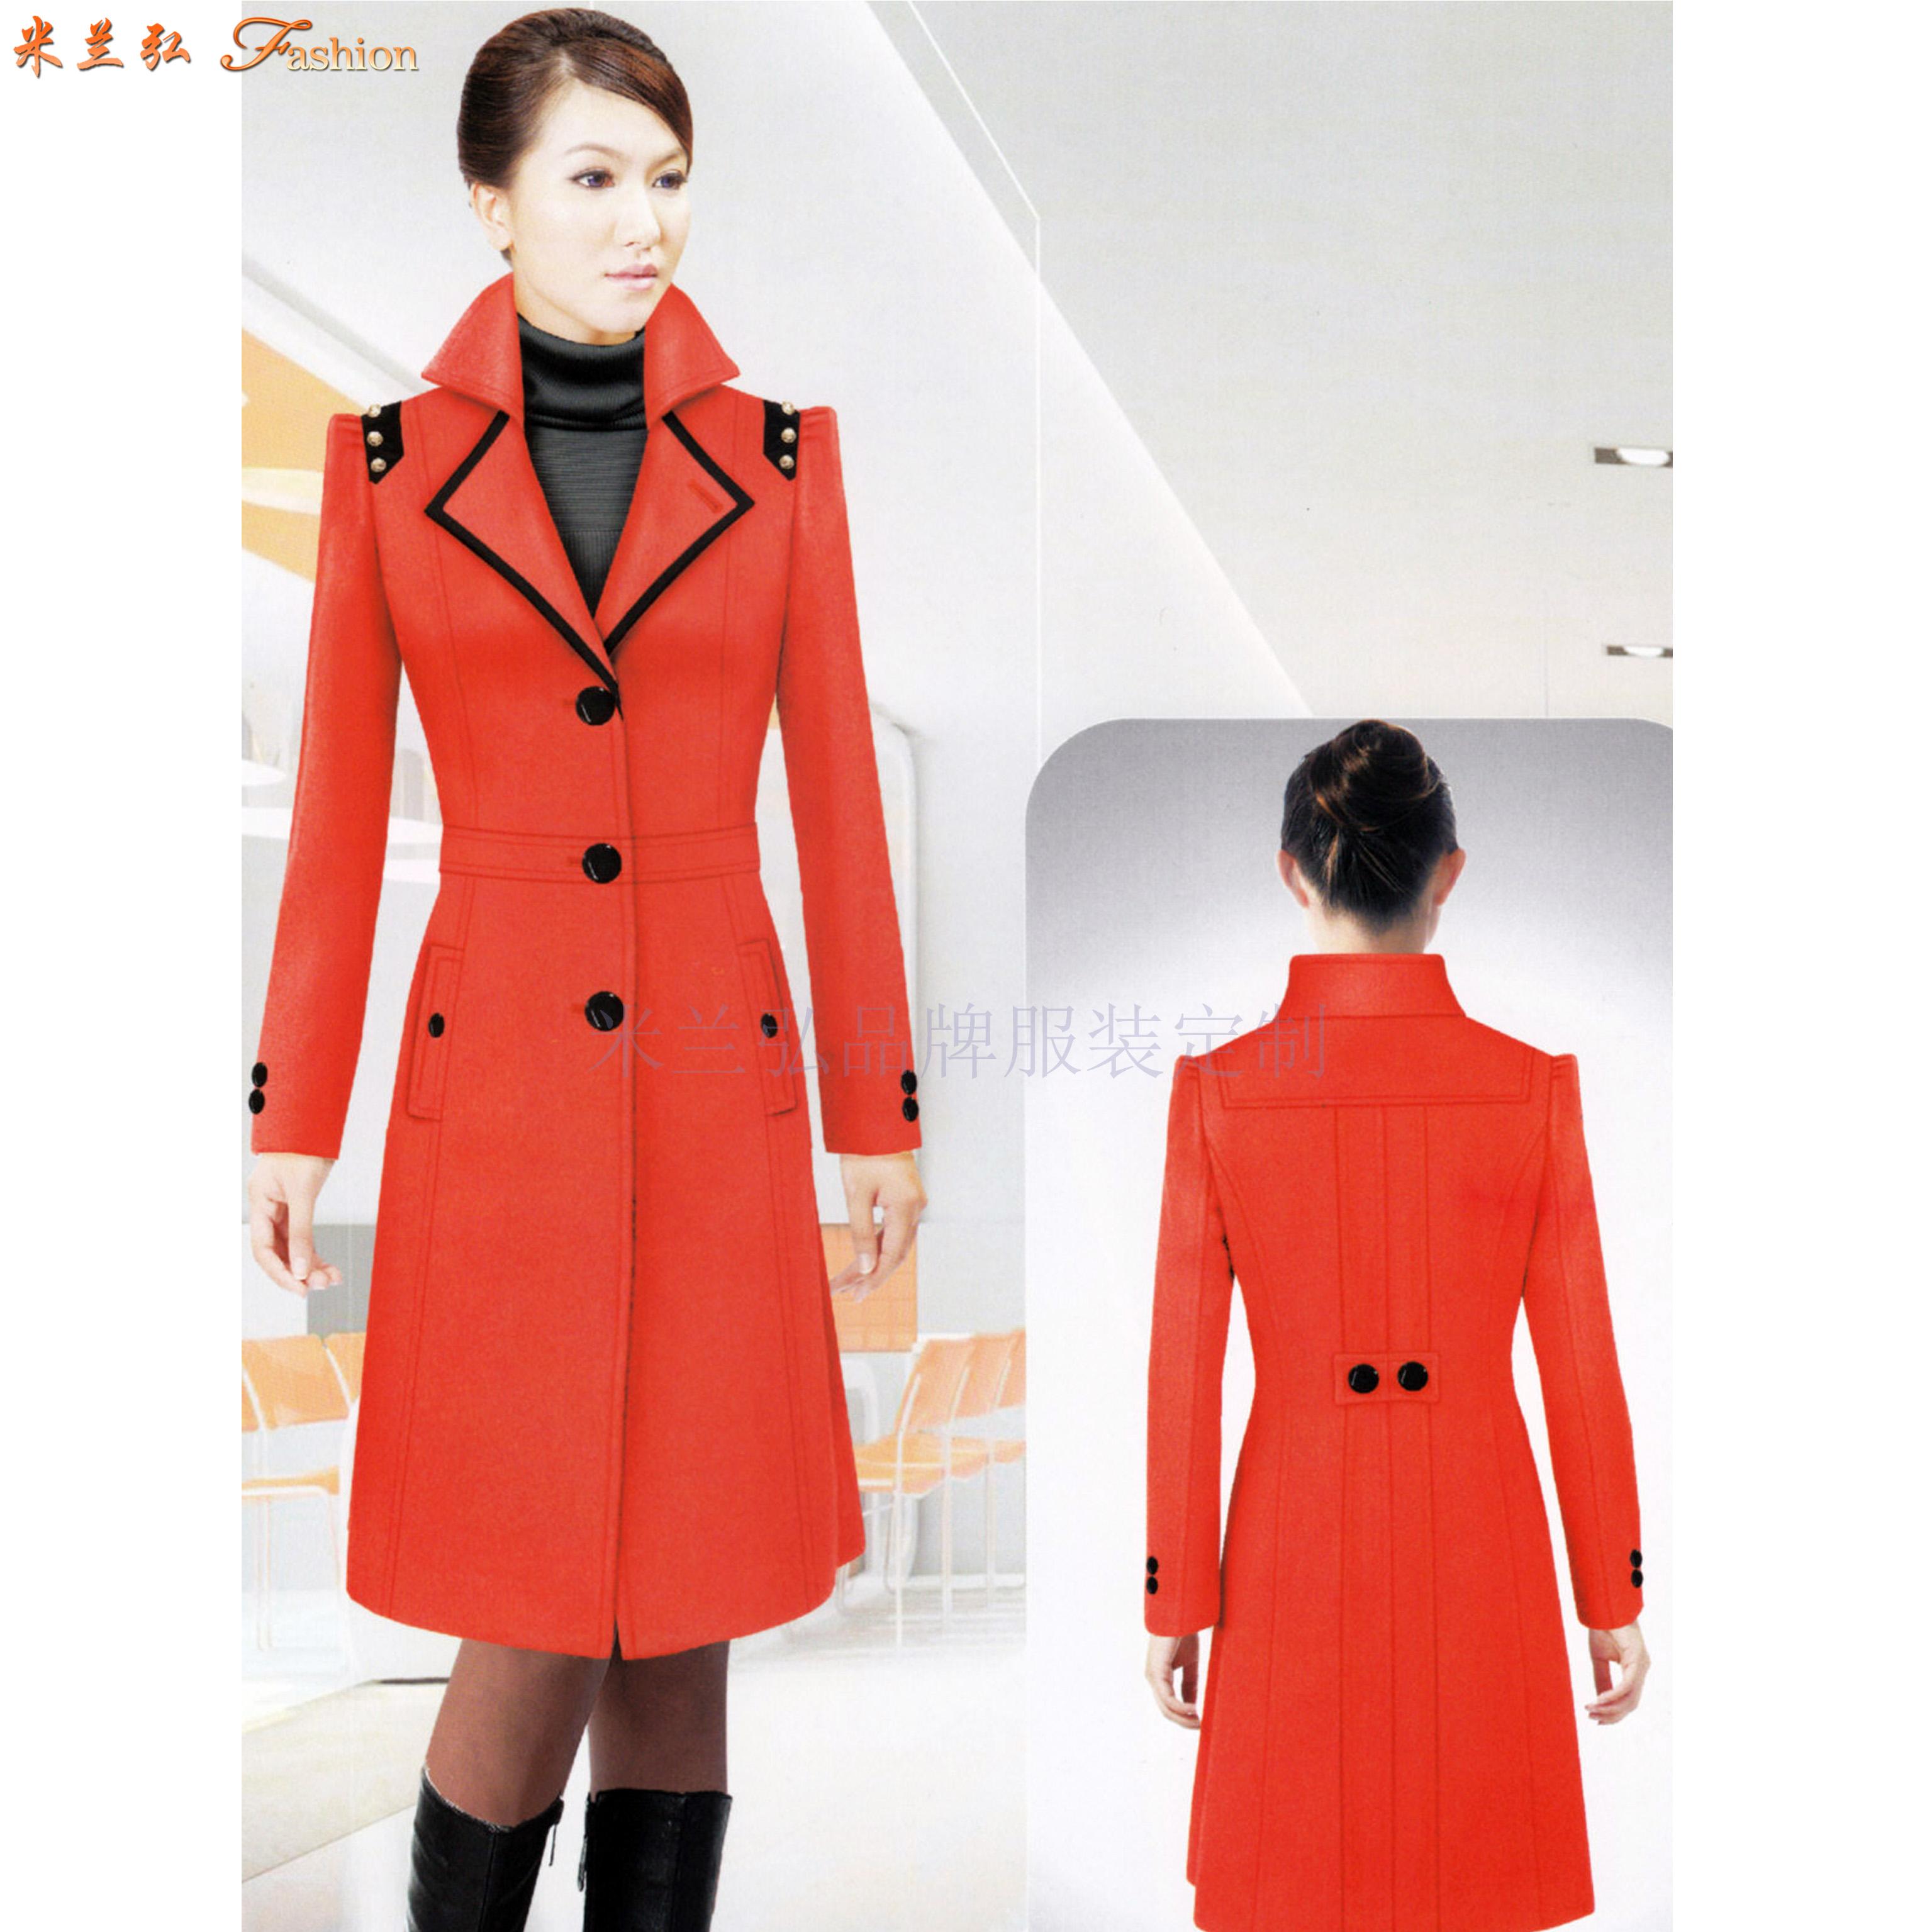 「河北大衣」承德市定制羊毛商務大衣的貨真價實公司-米蘭弘服裝-5